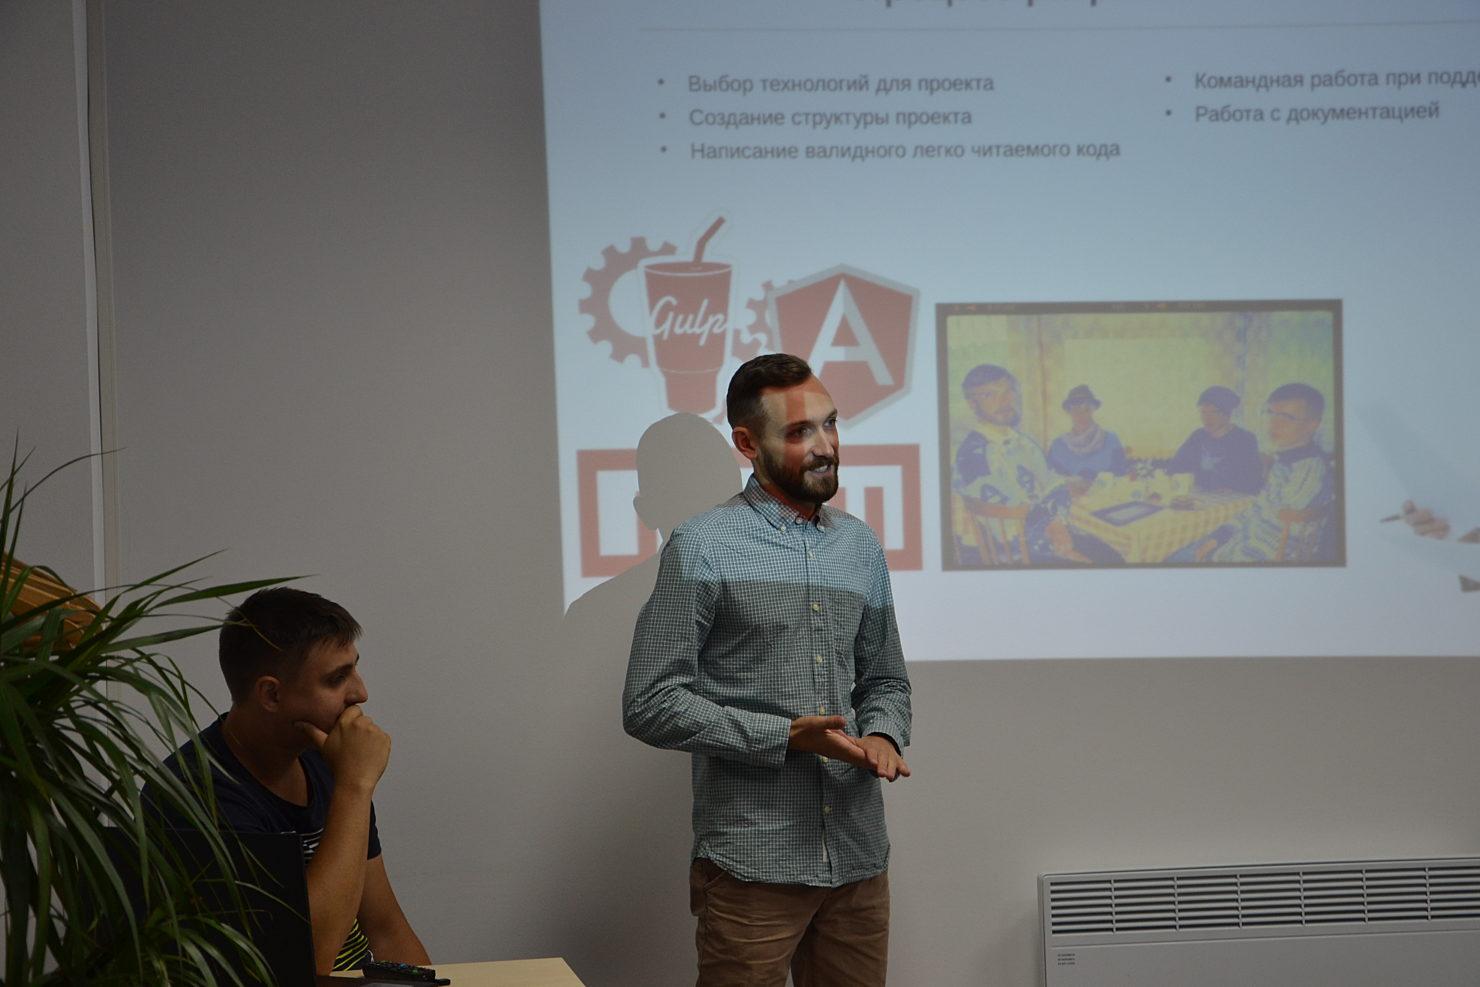 Новости школы: Презентация рабочих прототипов программы Hillel Evo в Киеве. Презентация рабочего прототипа проекта YAJIM